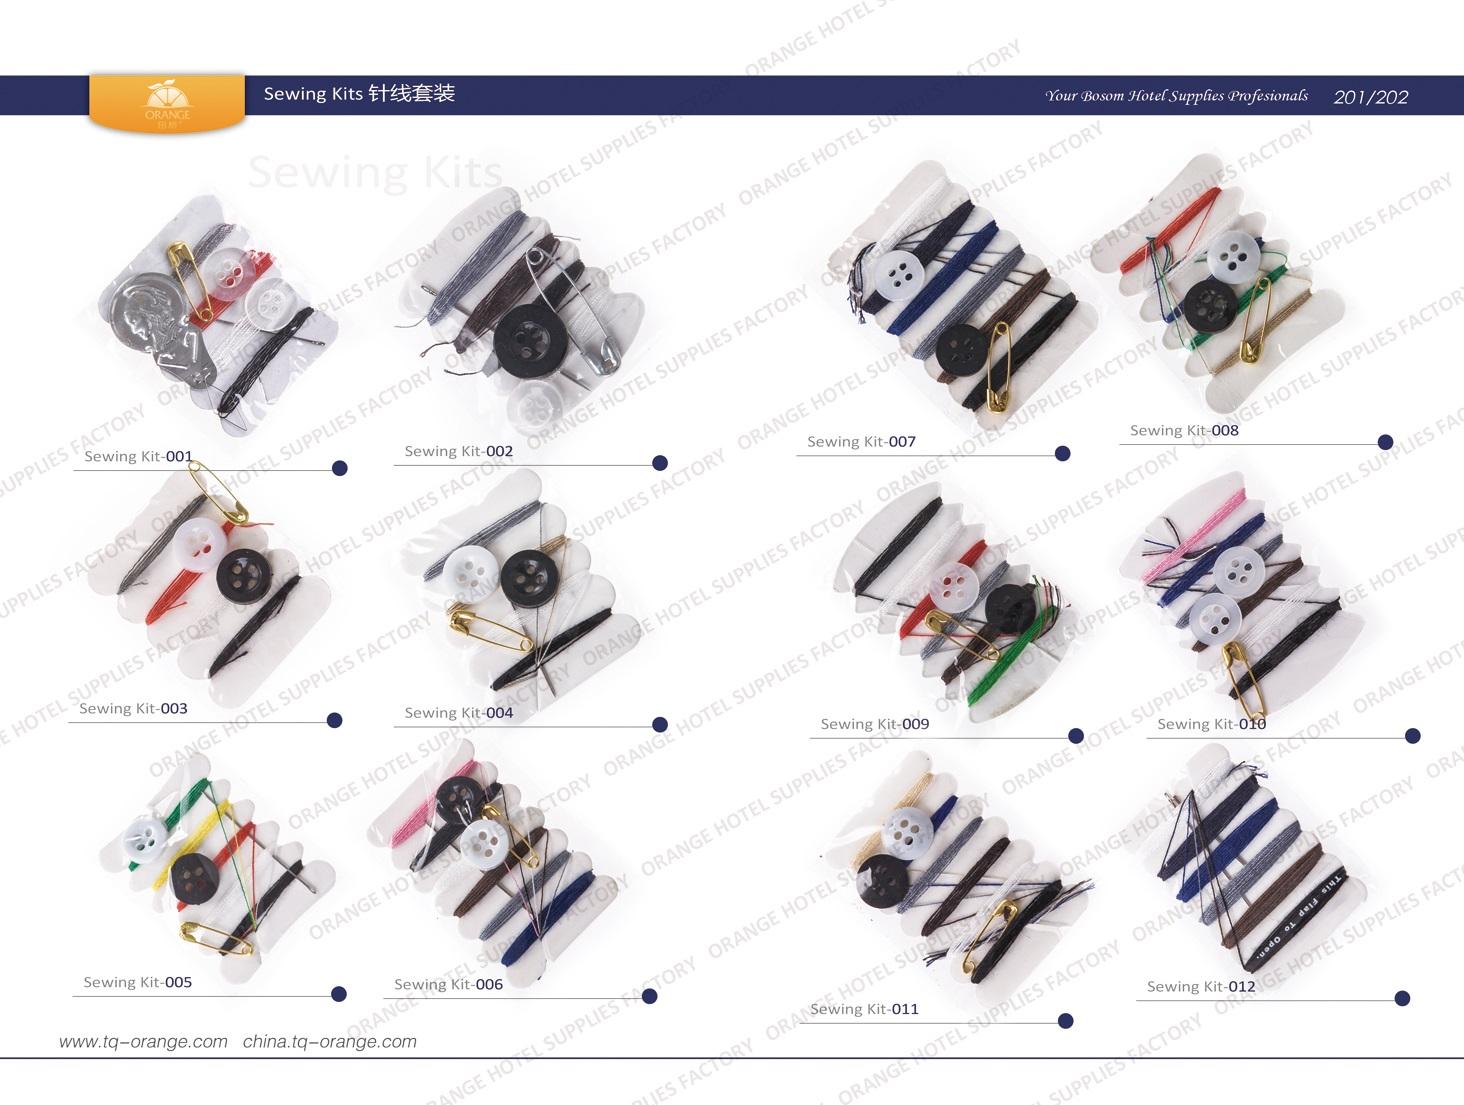 Sewing kit 001~012